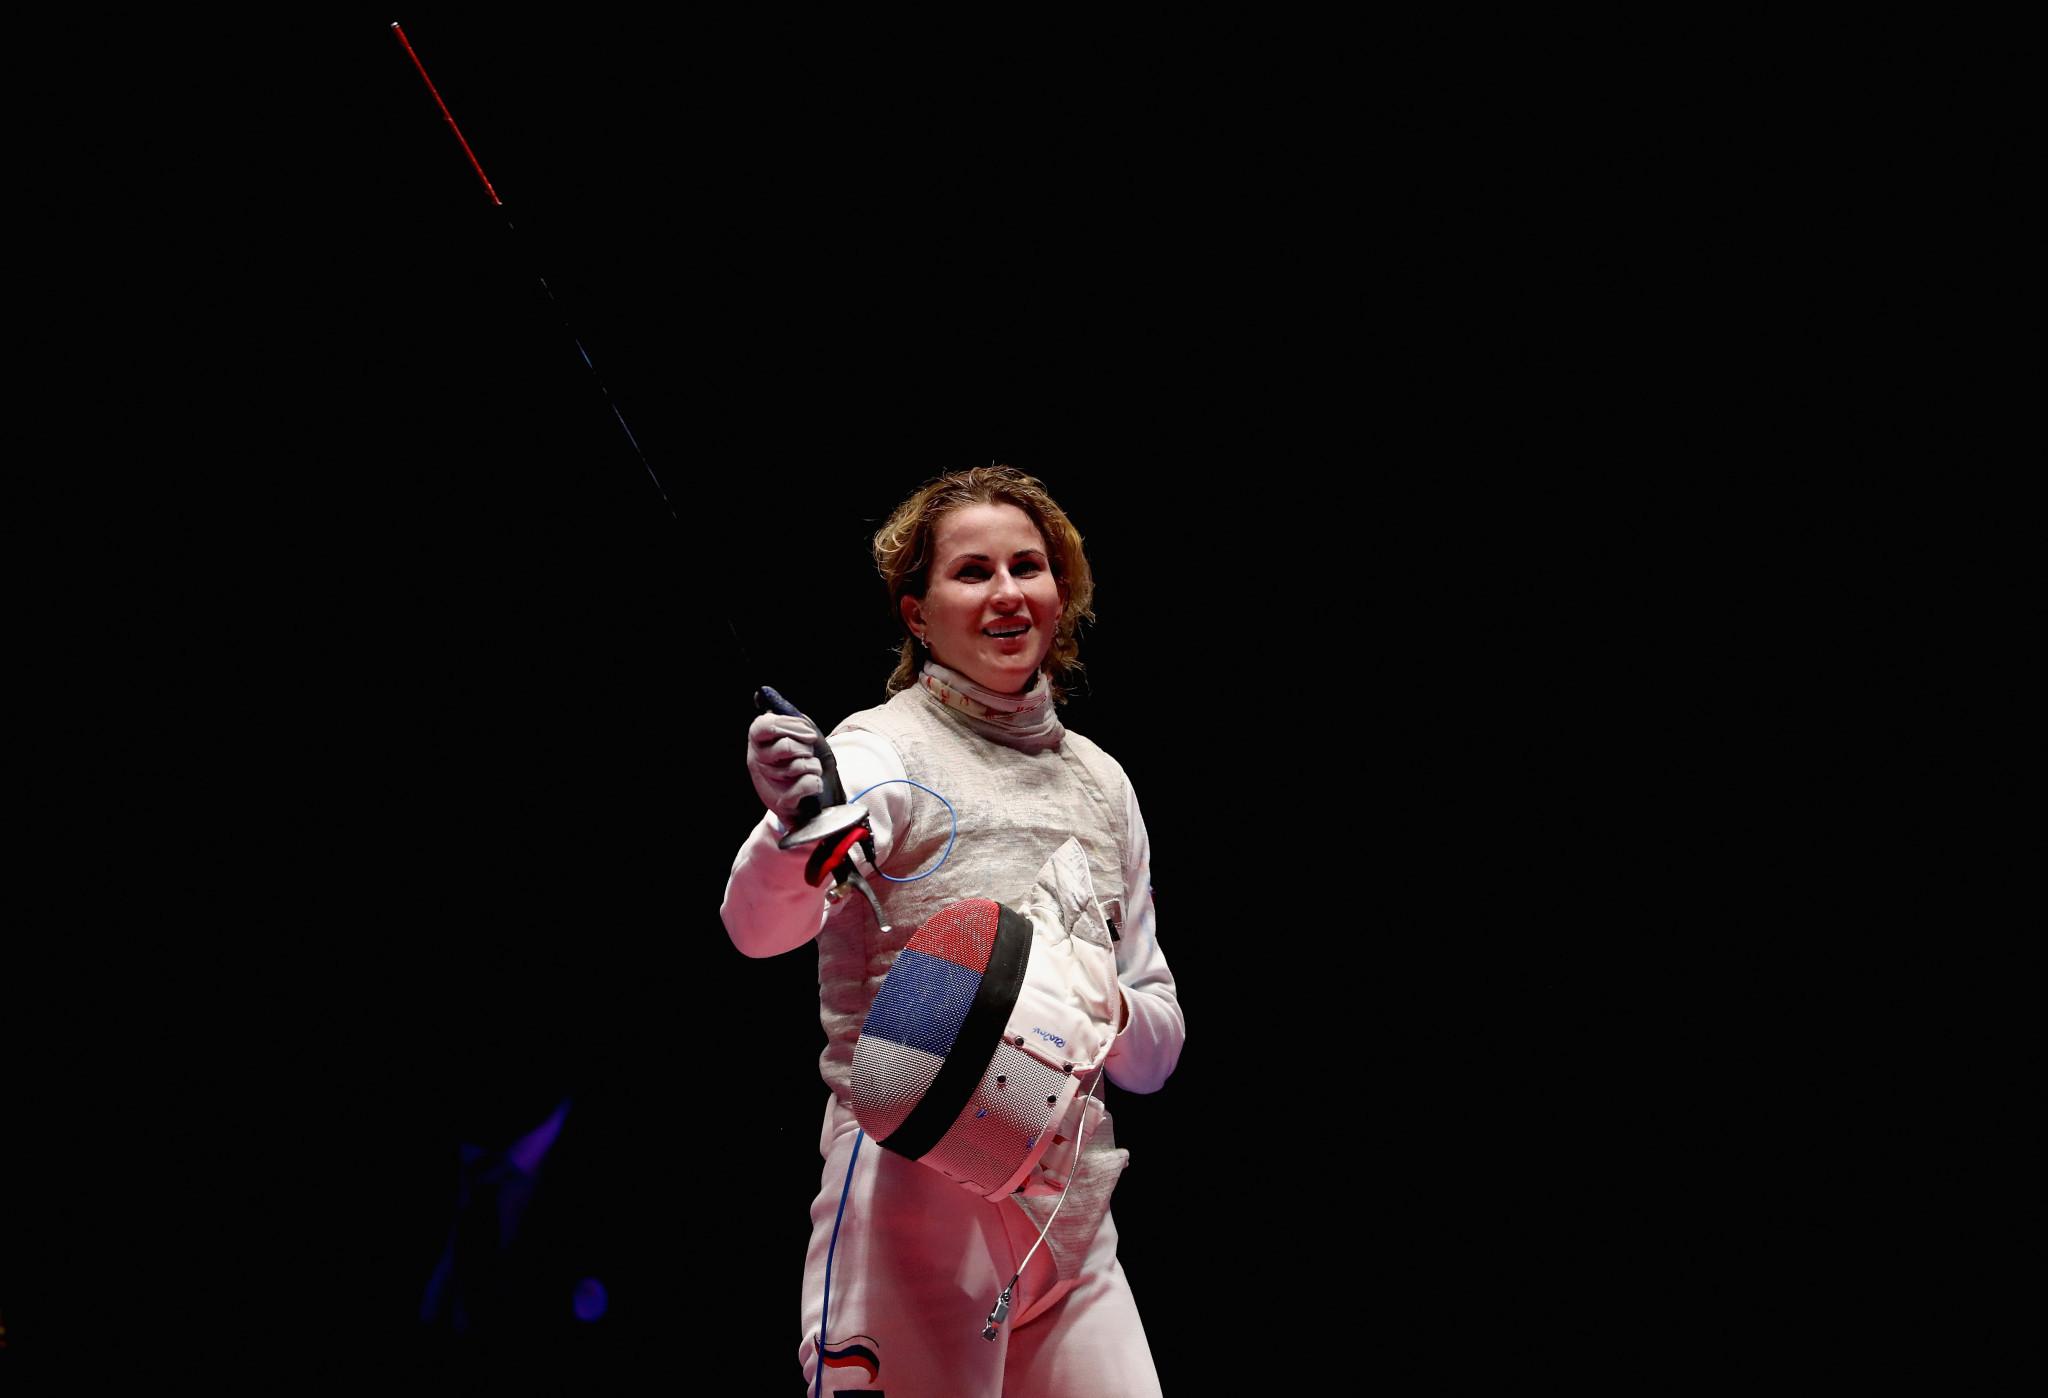 Inna Deriglazova won the women's title in Shanghai ©Getty Images